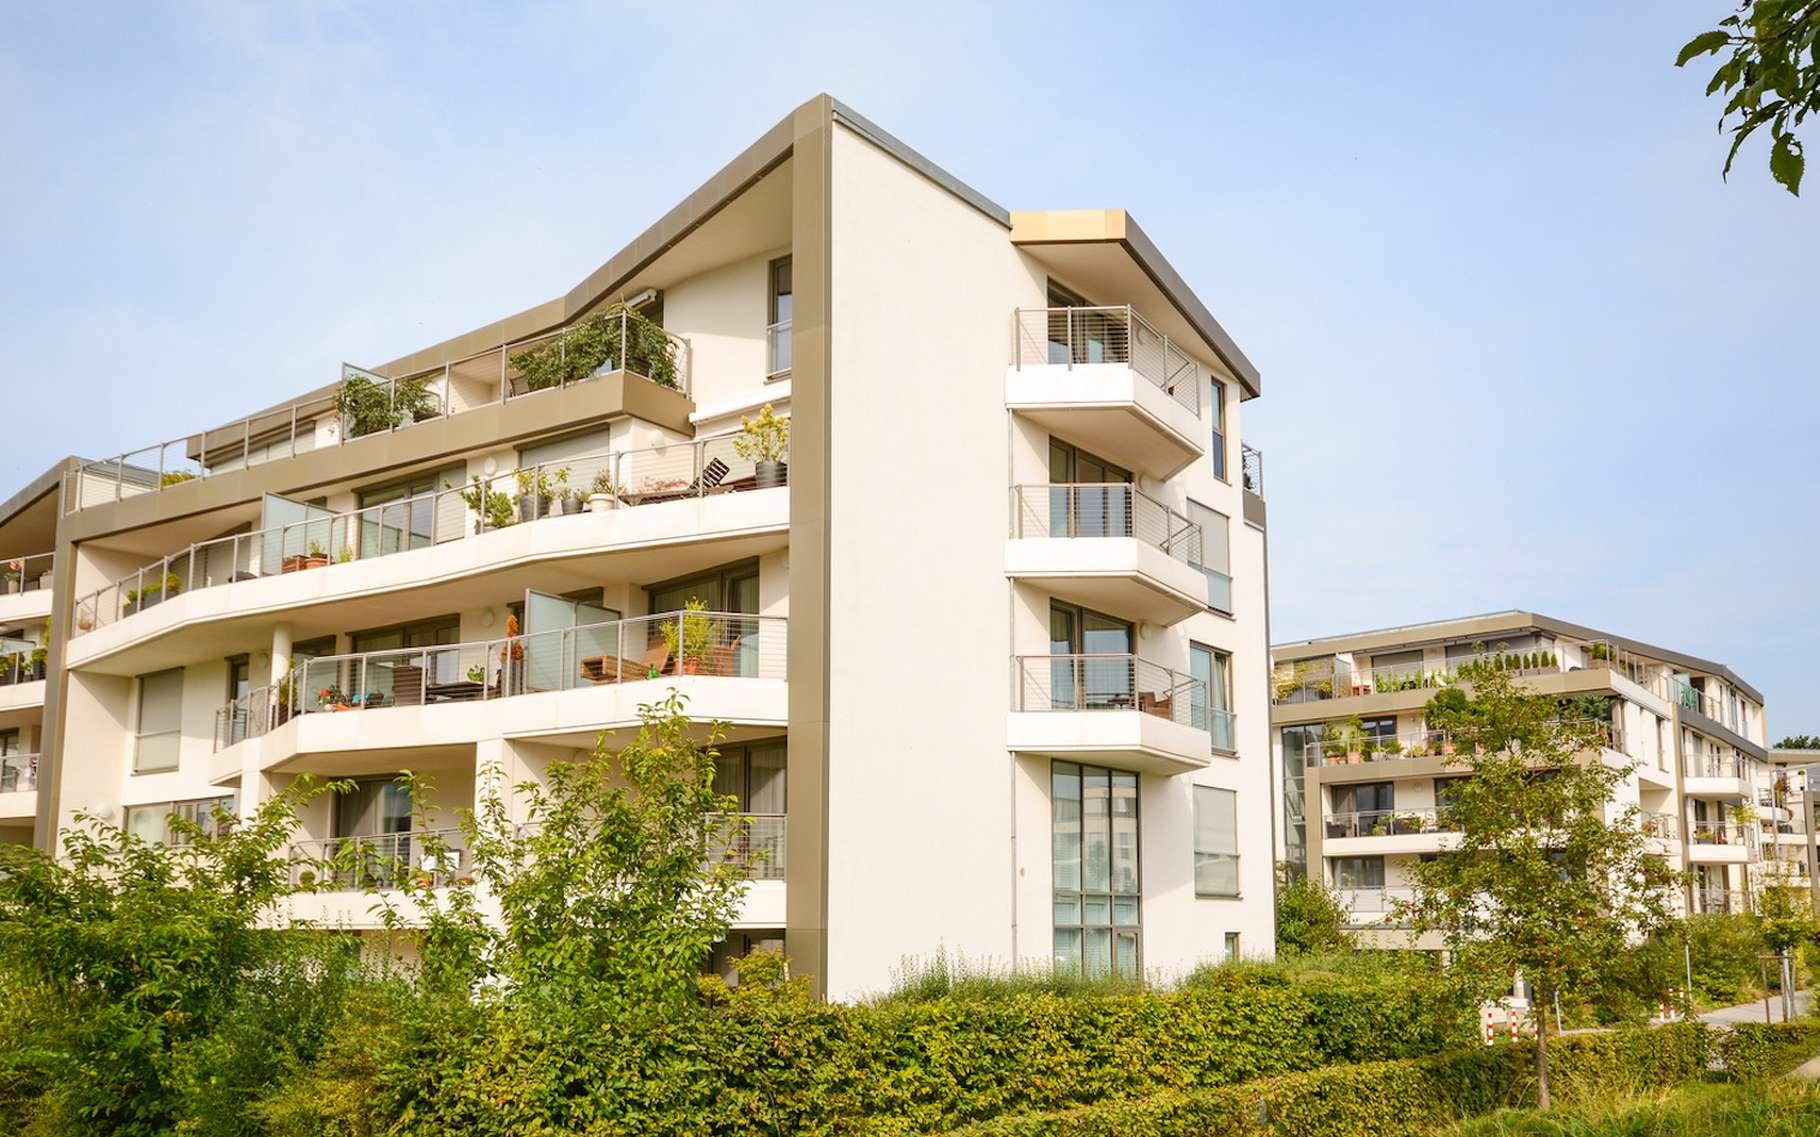 Pour le contribuable, le dispositif de la loi Pinel permet de se constituer un patrimoine immobilier avec la possibilité de louer à un membre de sa famille. © Fabio Balbi, Fotolia